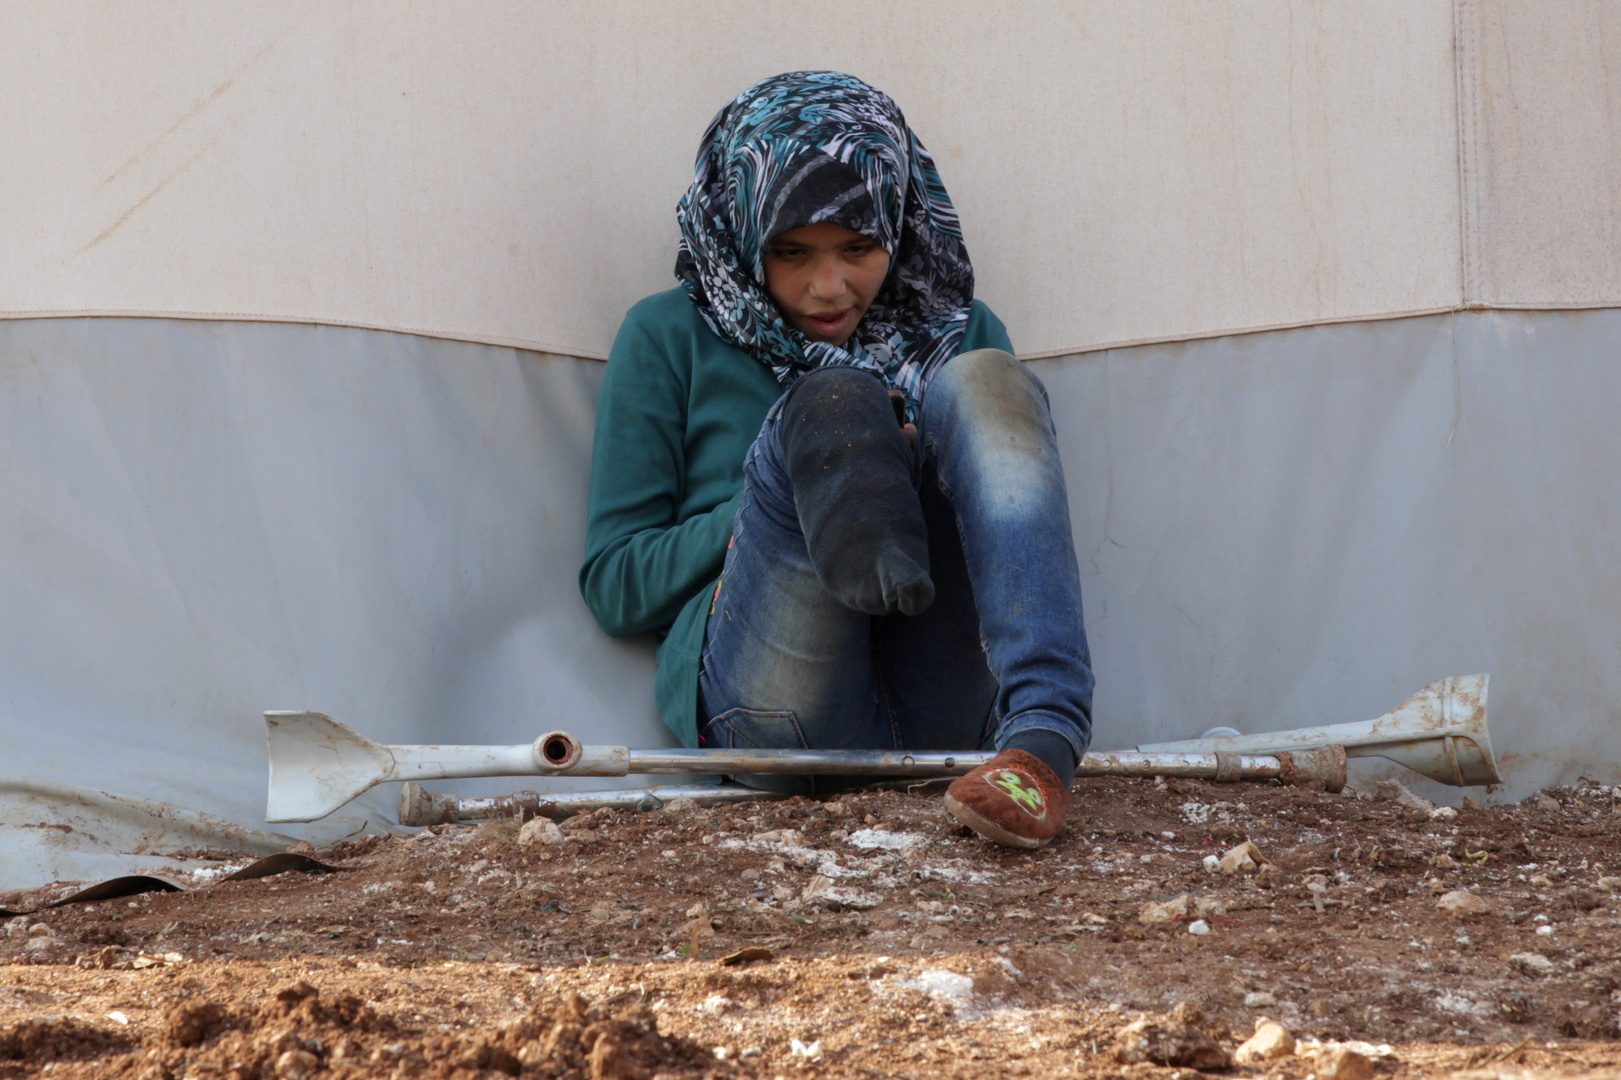 اليونسيف: مقتل وإصابة أكثر من 45 طفلا في سوريا منذ يوليو